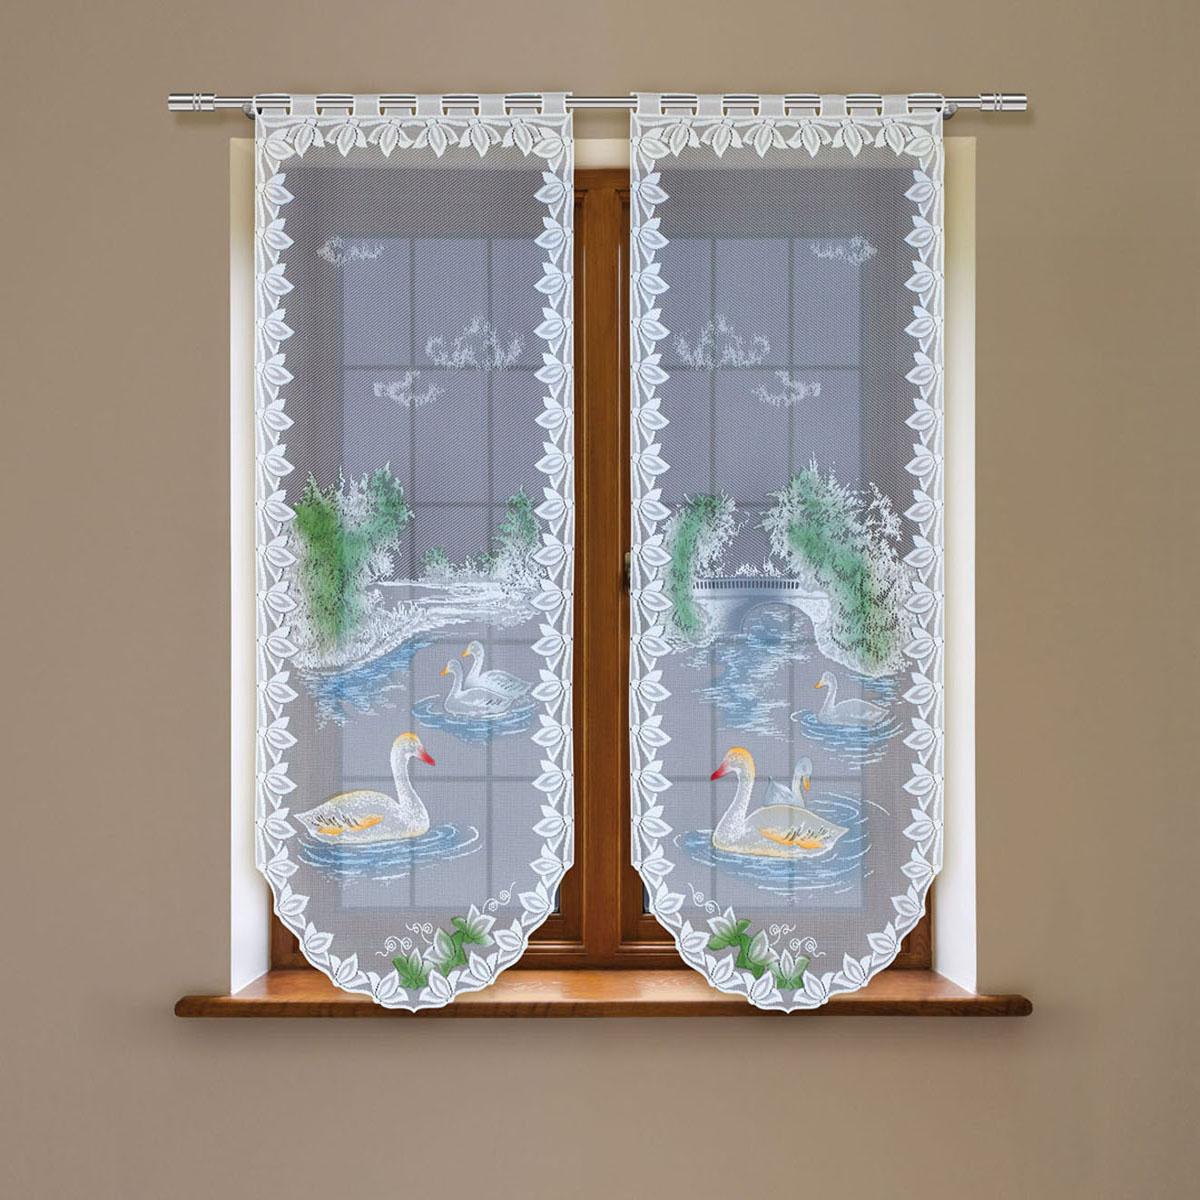 Гардина Haft, цвет: белый, высота 160 см. 4243С/604243С/60Гардина имеет в верхней части полотна прорези, через которые гардина-витраж вывешивается на карниз или можно крепить на зажим для штор,котрый в комплект не входит.Комплект состоит из двух полотен (выс.160* шир.60) Размеры: (высота 160* ширина 60)*2